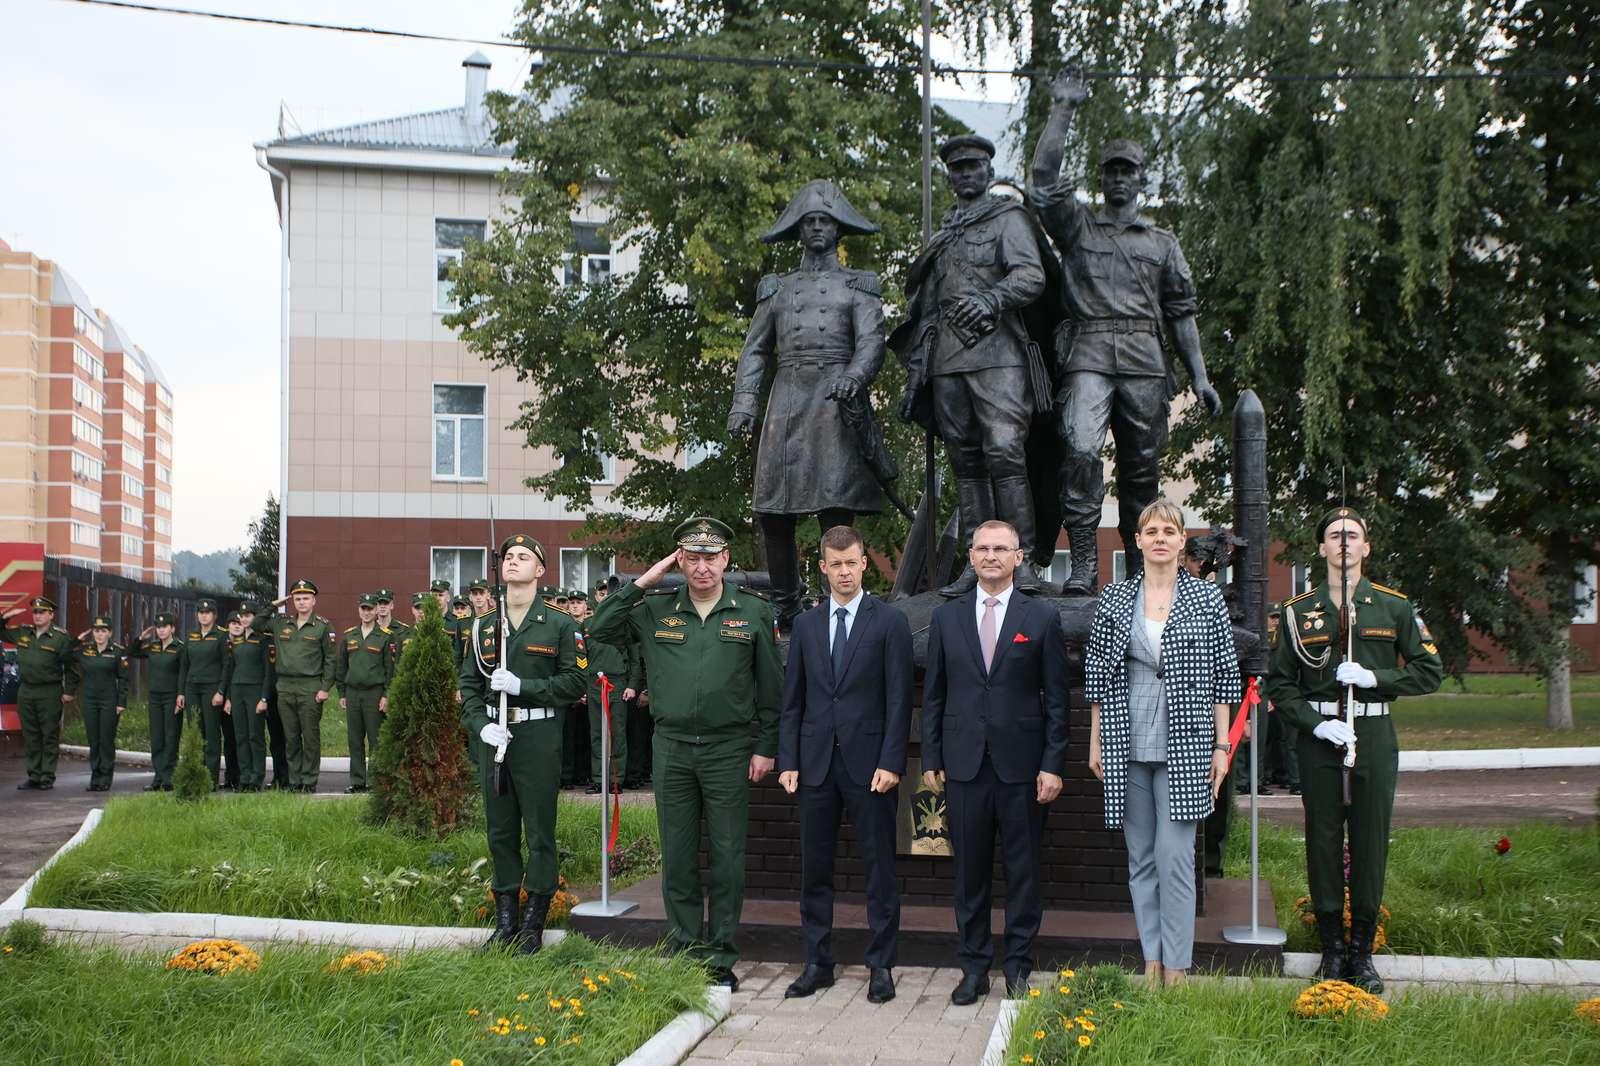 Новый памятник в Балашихе посвятили 200-летию военной академии Ракетных войск | Изображение 1